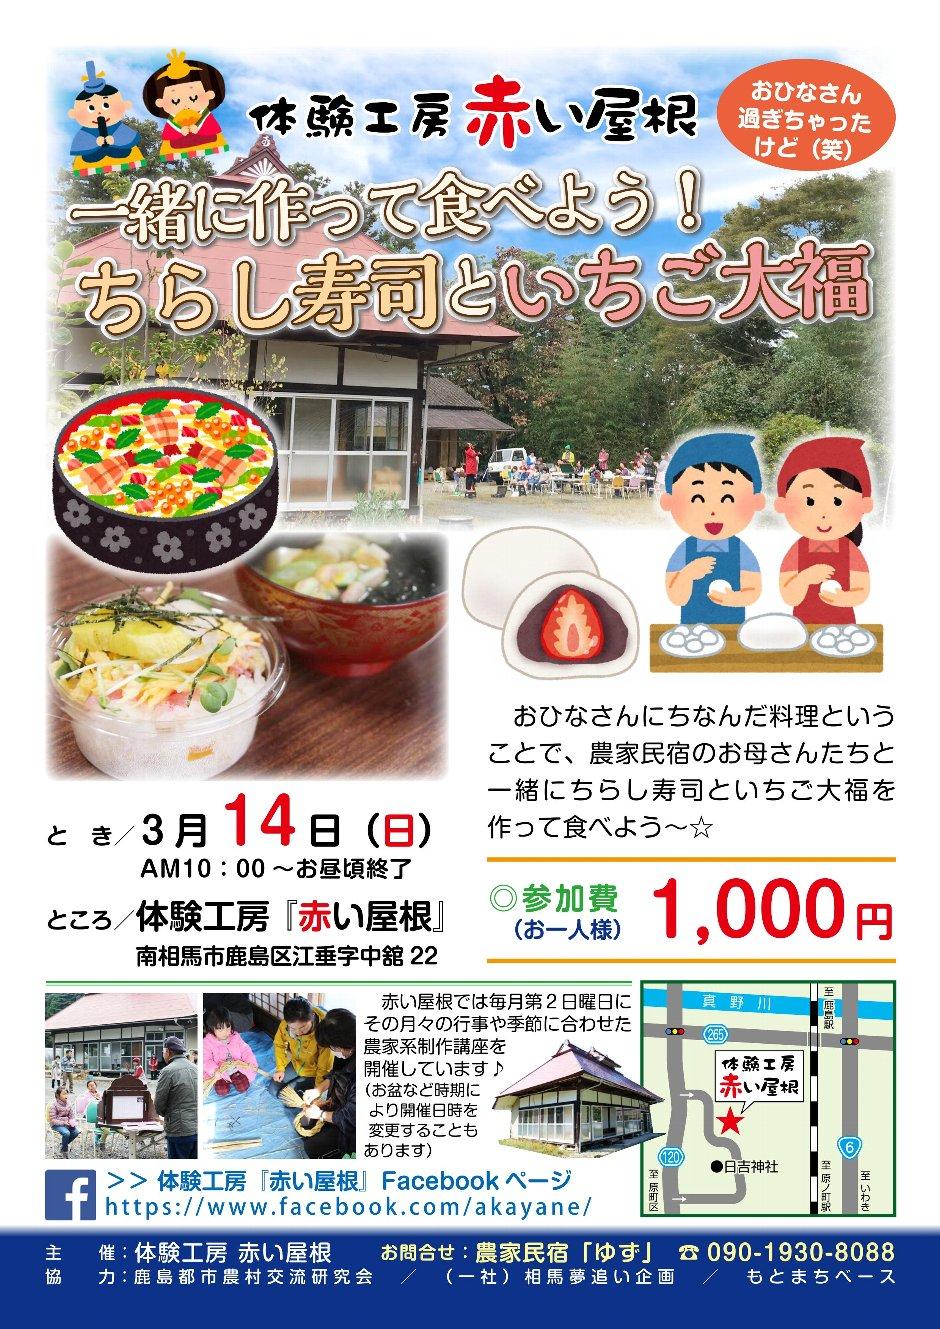 体験工房赤い屋根「一緒に作って食べよう!ちらし寿司といちご大福」 @ 体験工房『赤い屋根』